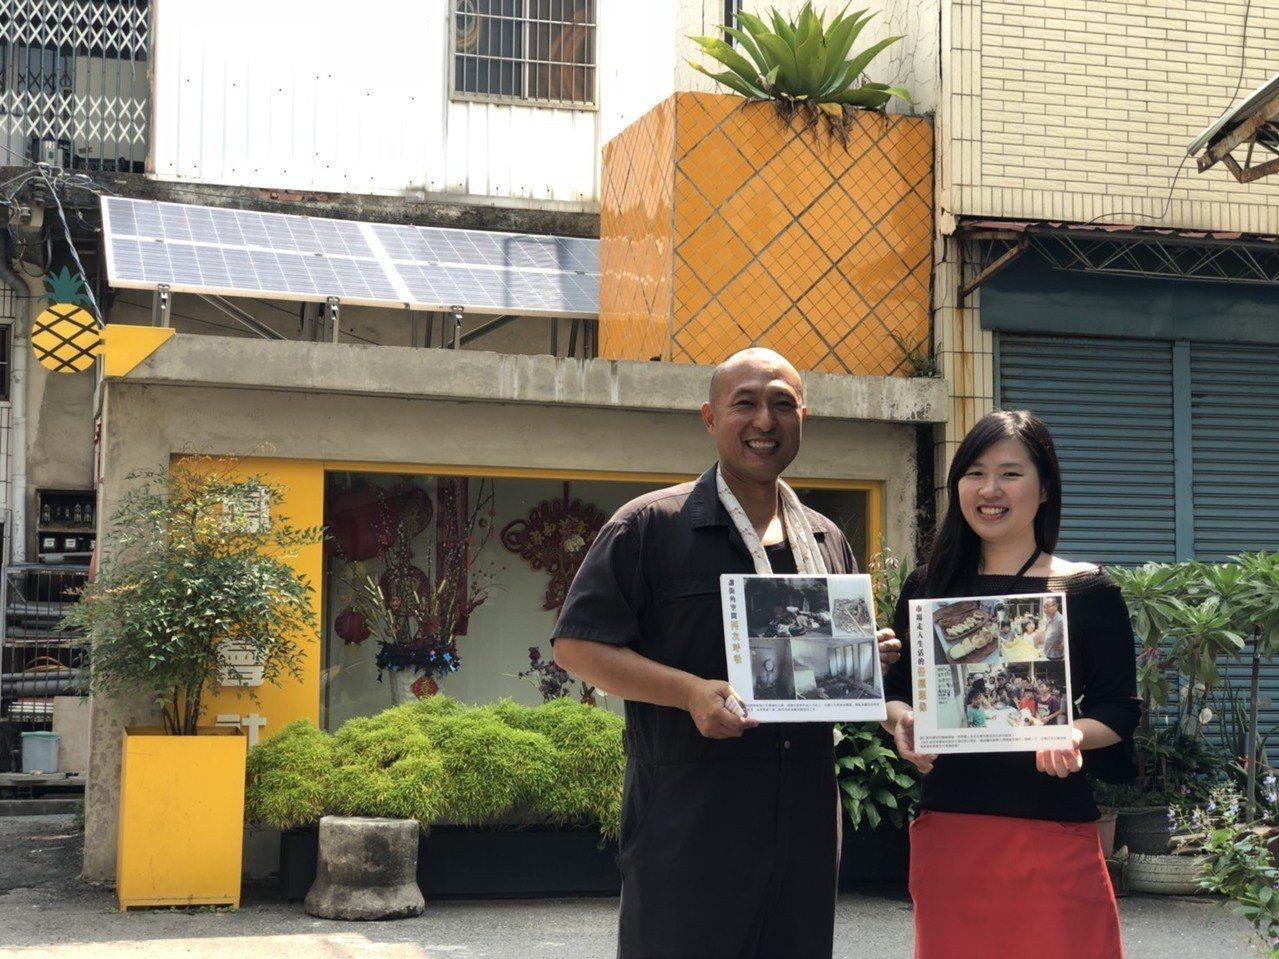 執行改造工程的「台灣田野學校」工頭葉哲岳說,當地公廁曾是街友、吸毒人口聚集處,經...